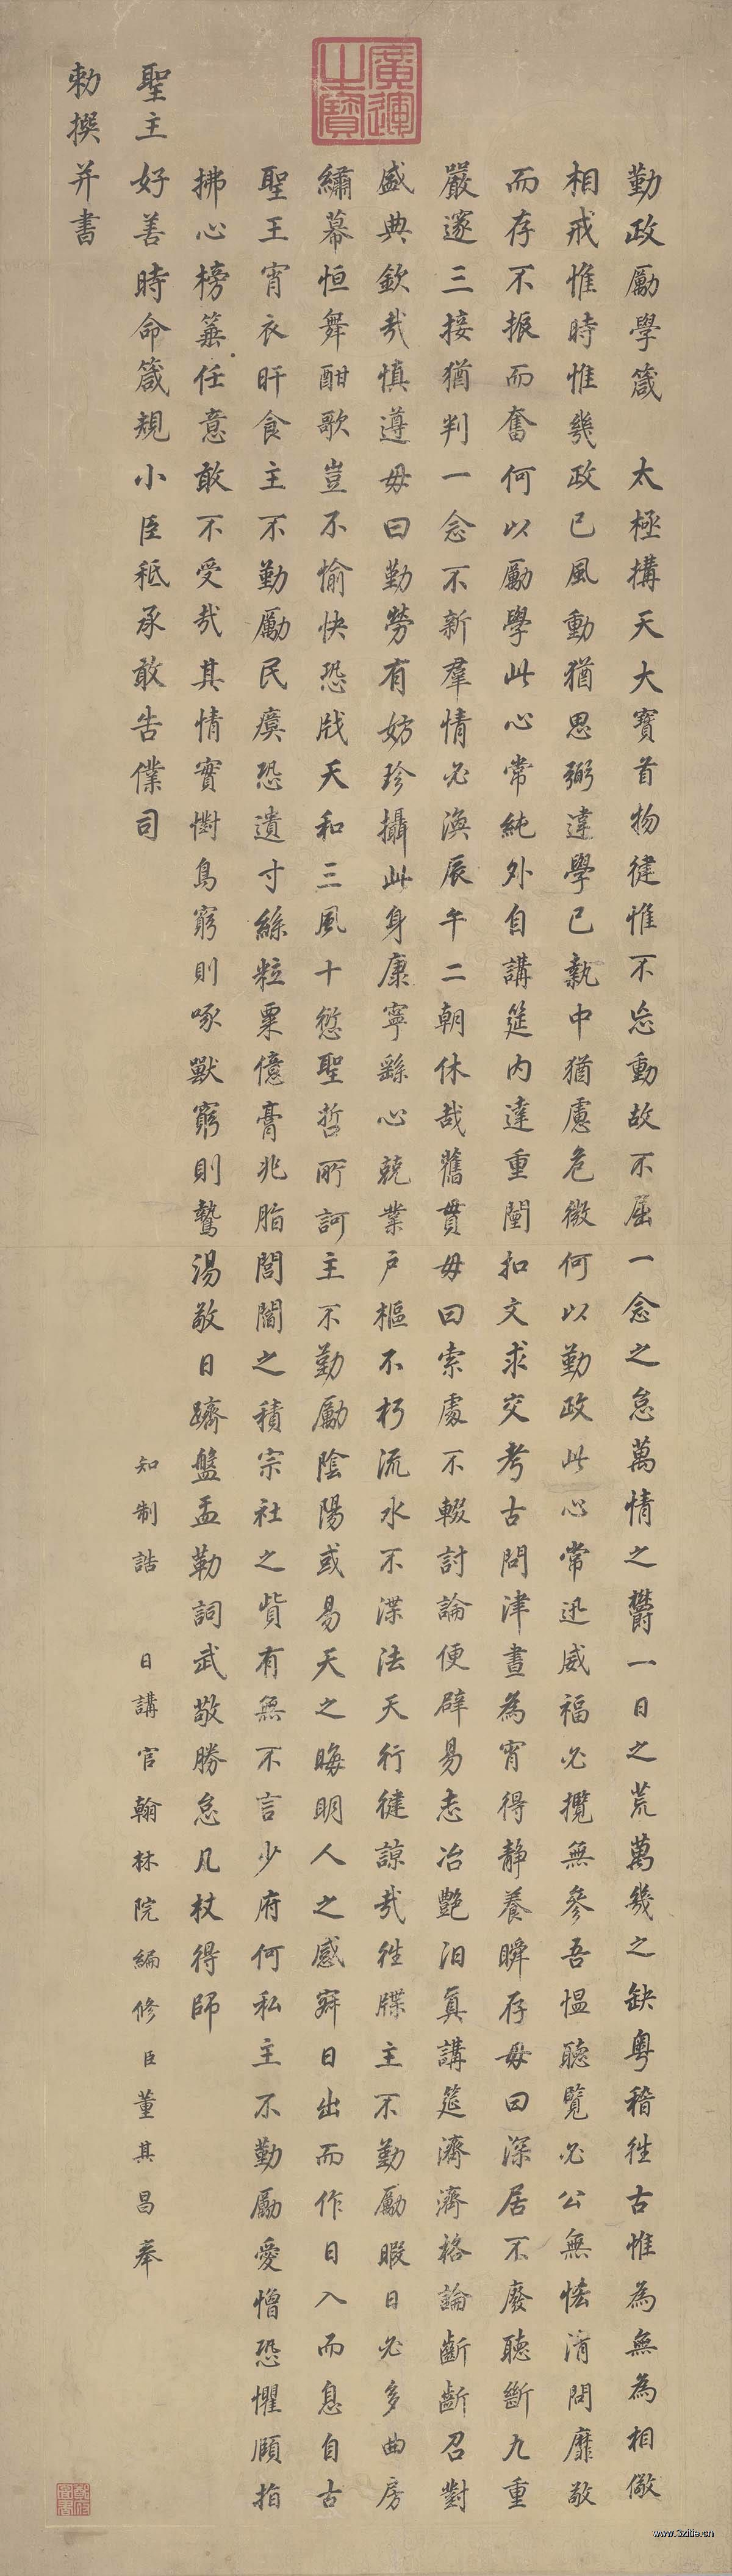 明 董其昌 楷书勤政励学箴纸本214.5x61.8辽博